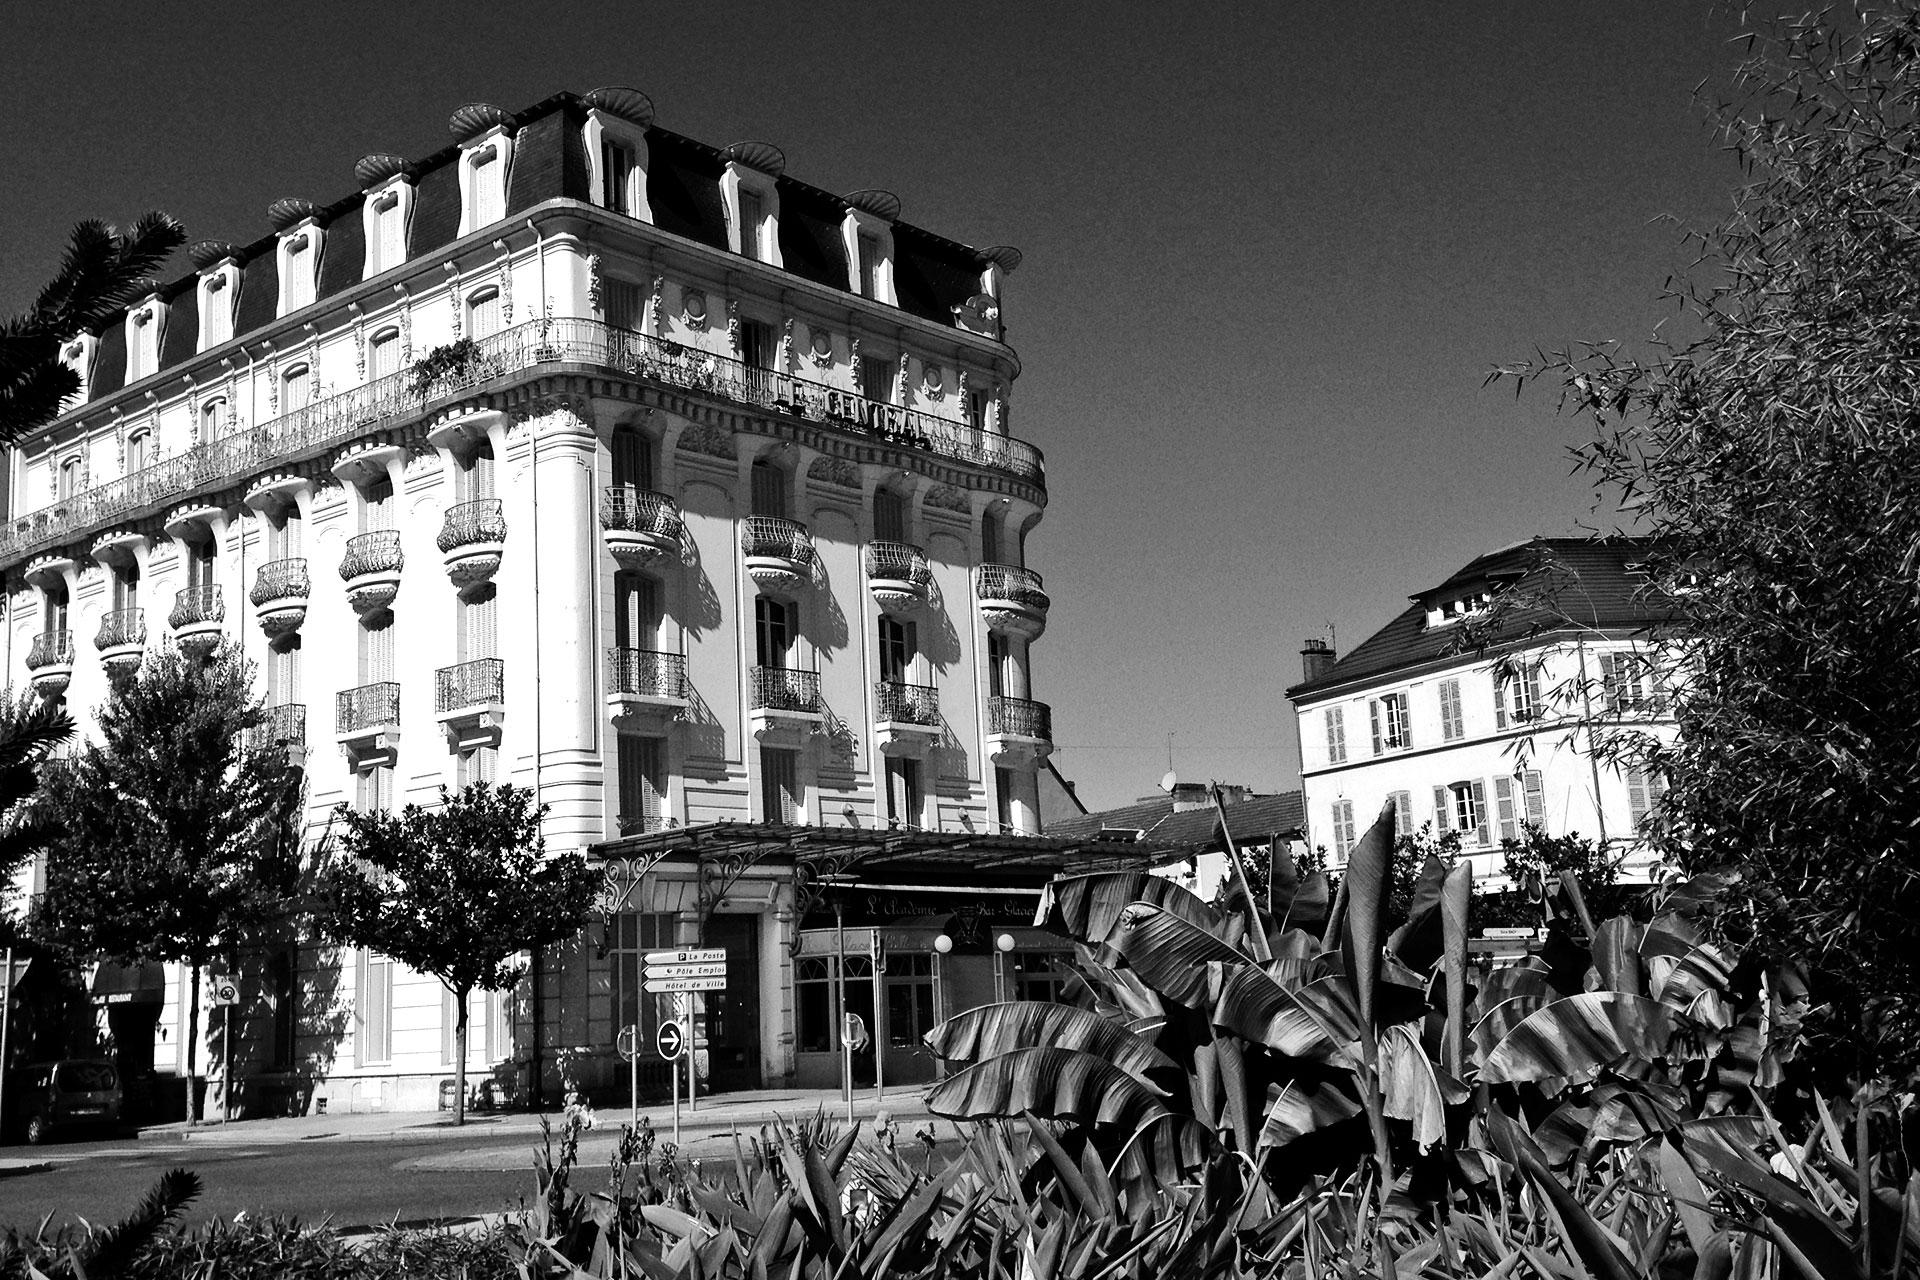 IRONMAN VICHY 2016 The Story: Echter Erfolg mit virtuellen Nebenwirkungen / Historische Bauten in der Altstadt, hier läßt es sich gut aushalten ©stefandrexl.de